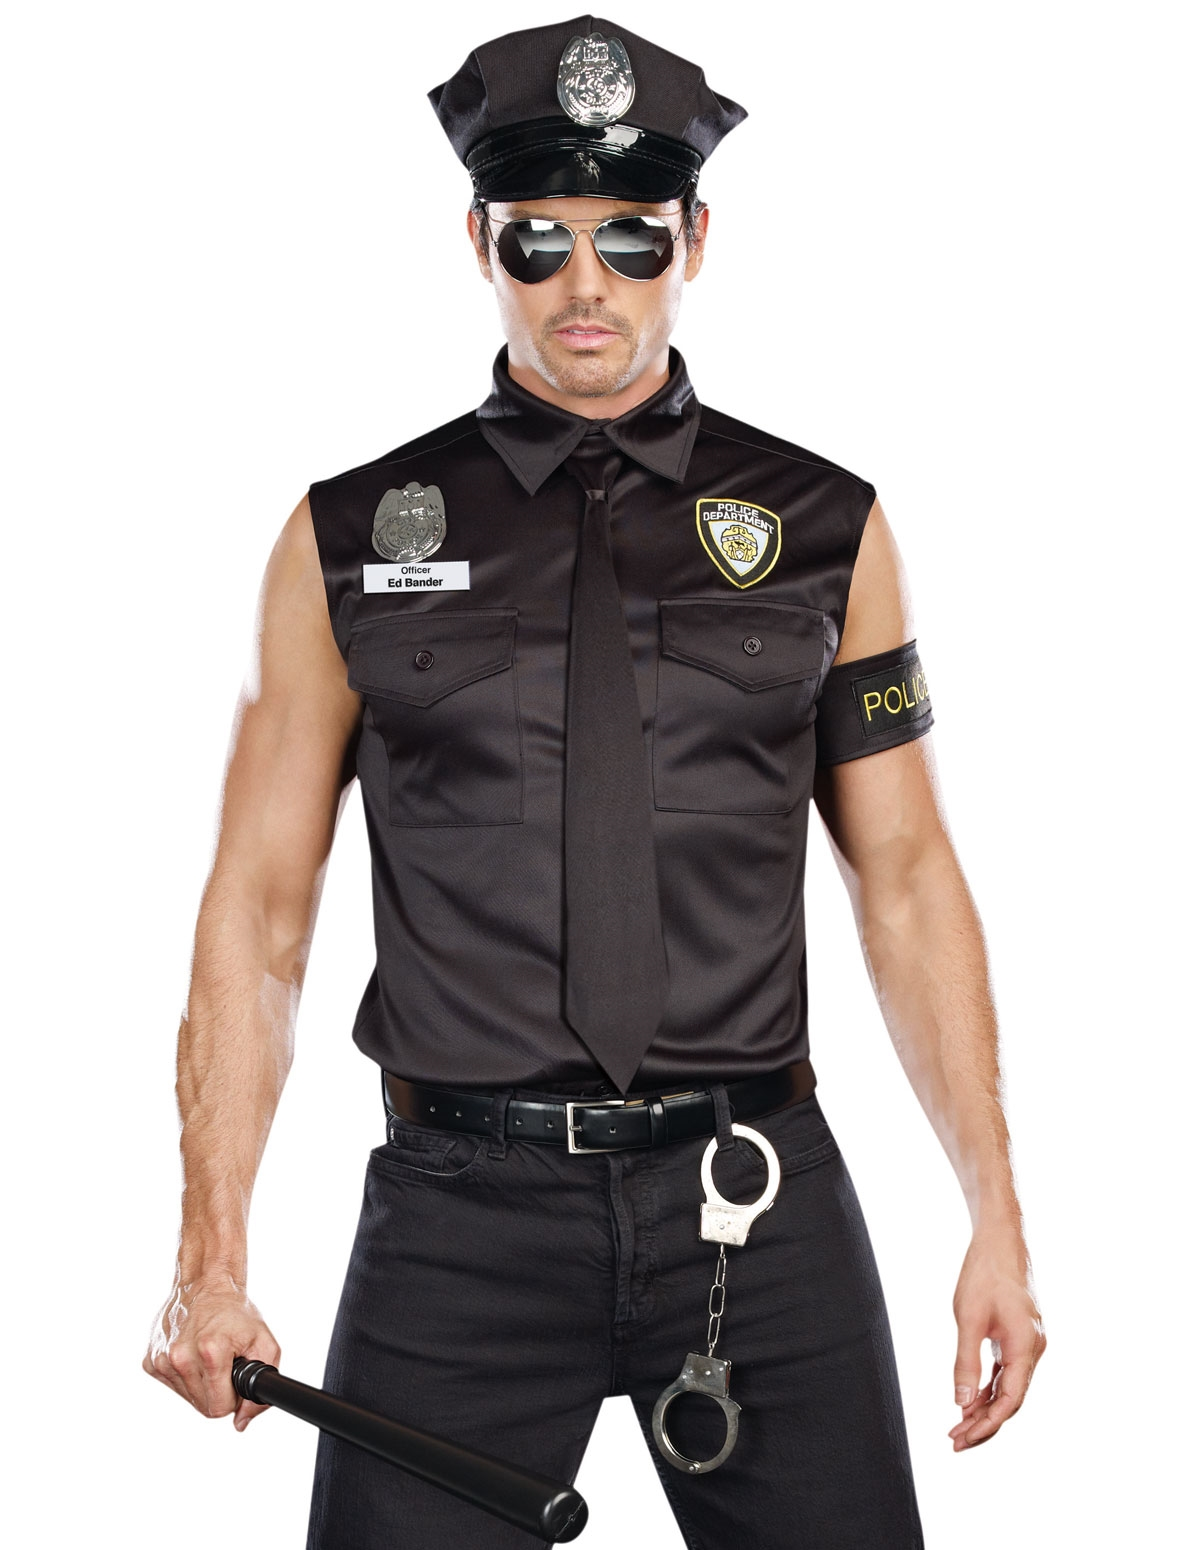 Officer Ed Banger Costume